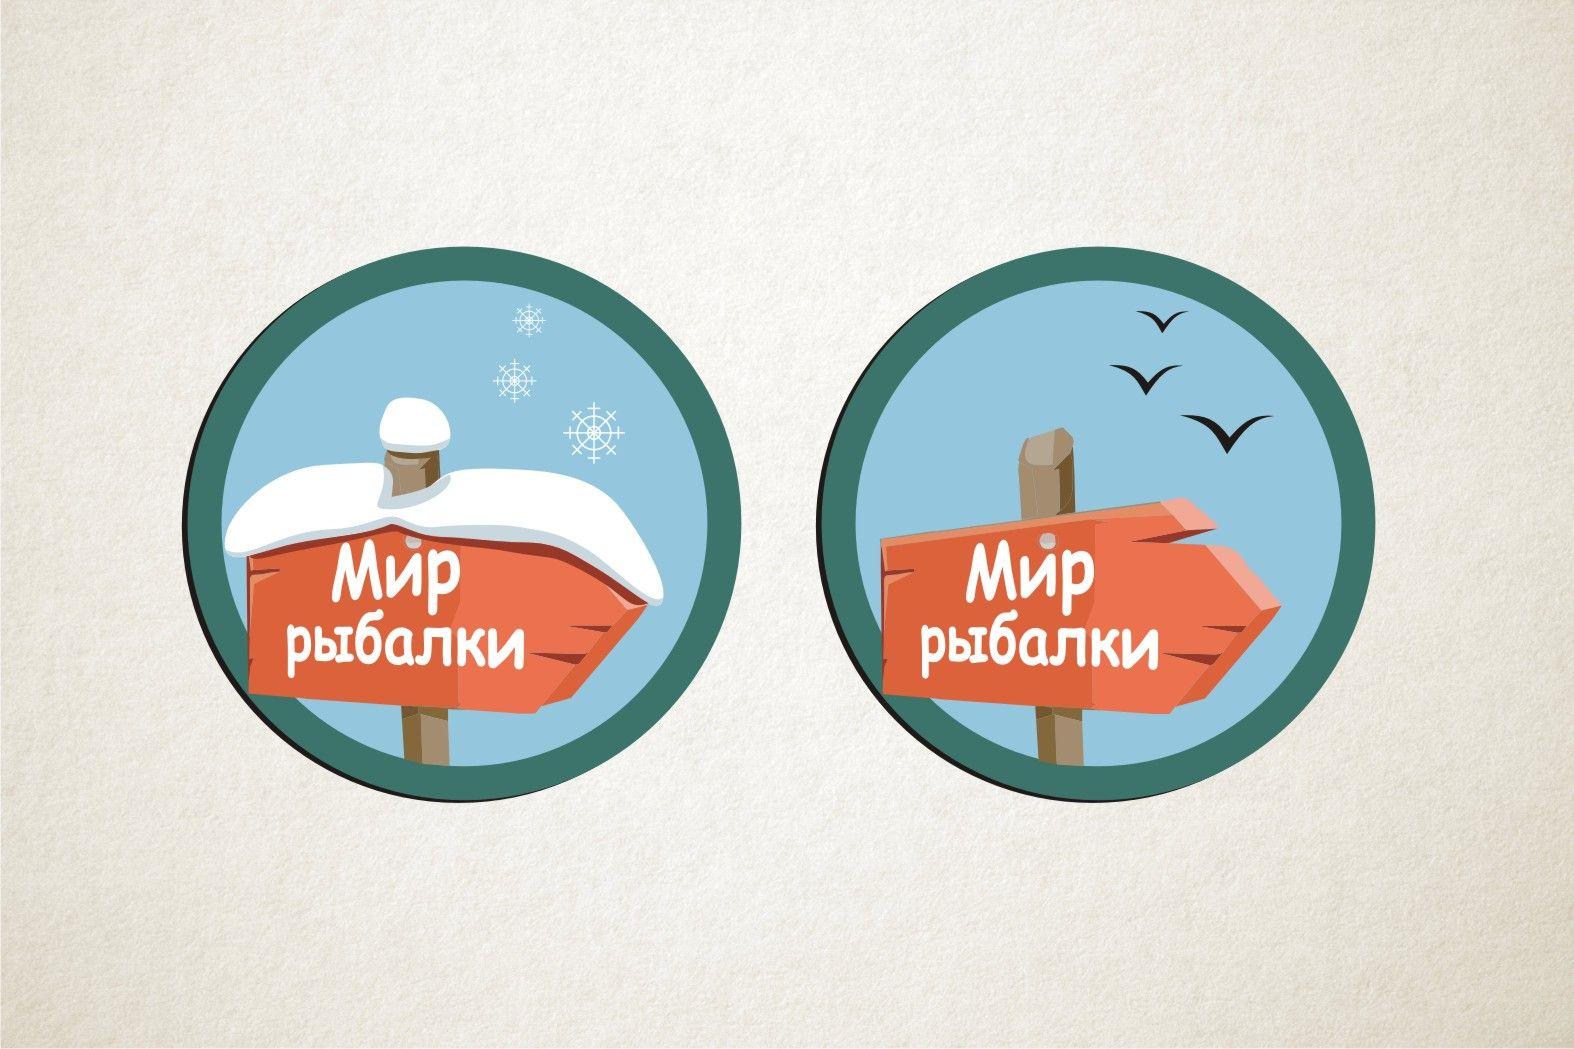 Логотип рыболовного магазина - дизайнер Evgenia_021